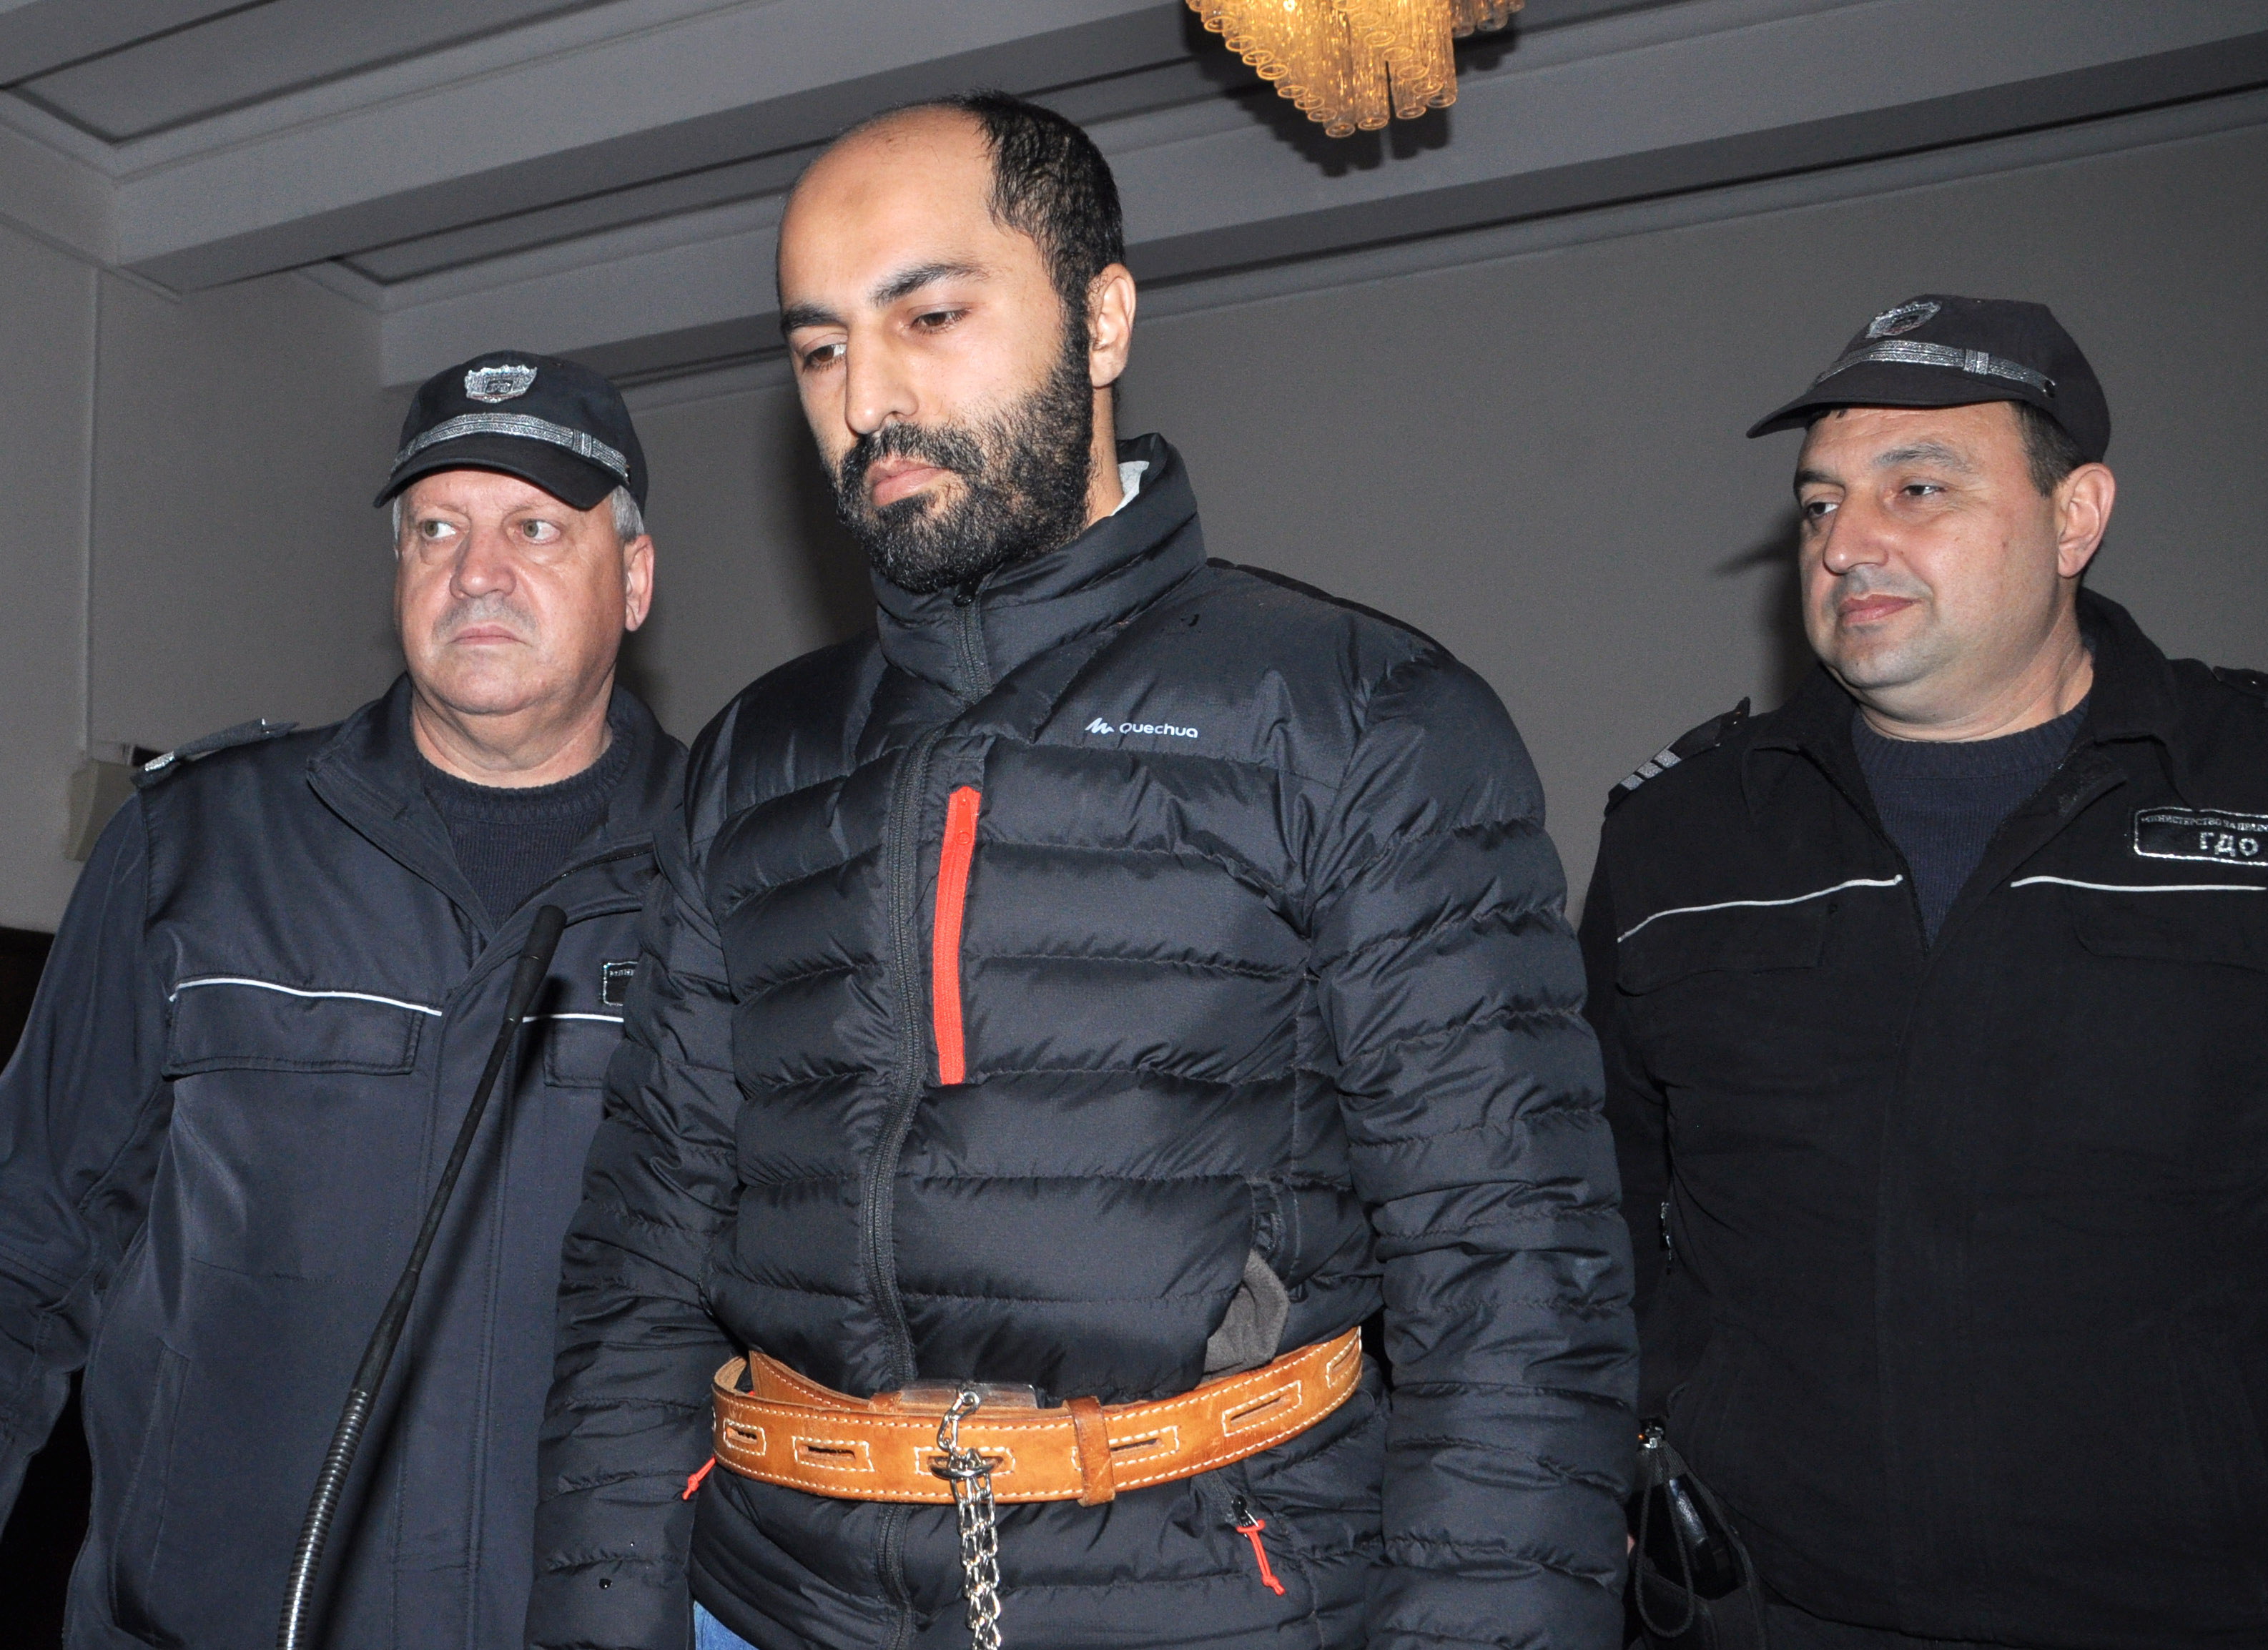 Дихадистите на свобода са опасни, а пленените са бреме